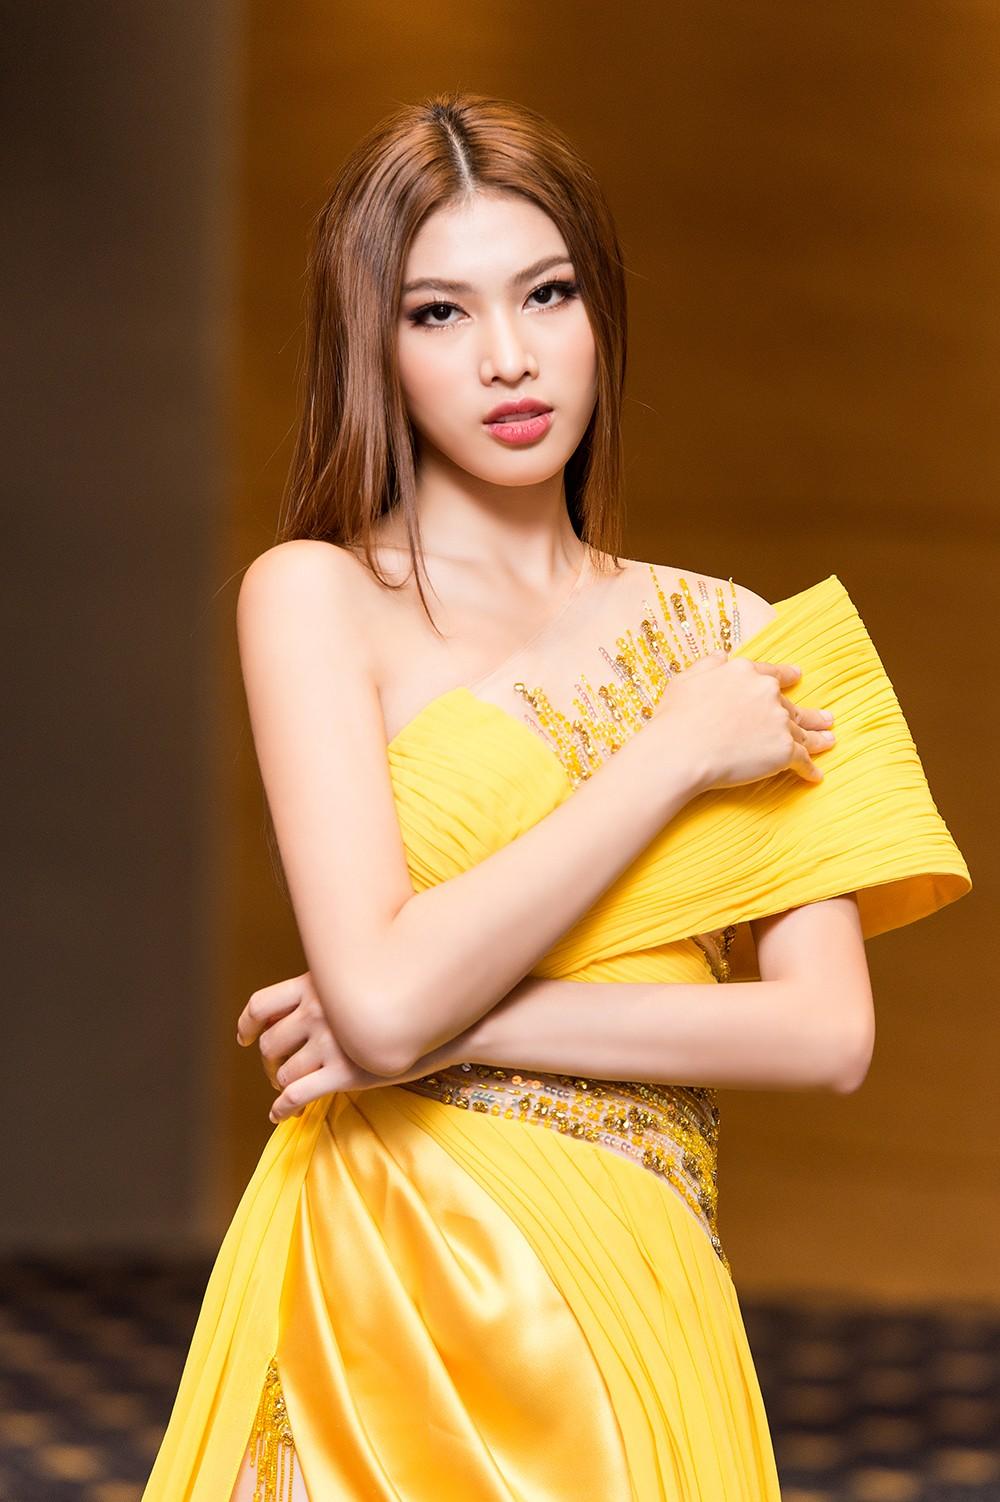 Á hậu Ngọc Thảo diện váy vàng rực khoe chân dài 1m11 cùng trình catwalk 'đỉnh cao' ảnh 3